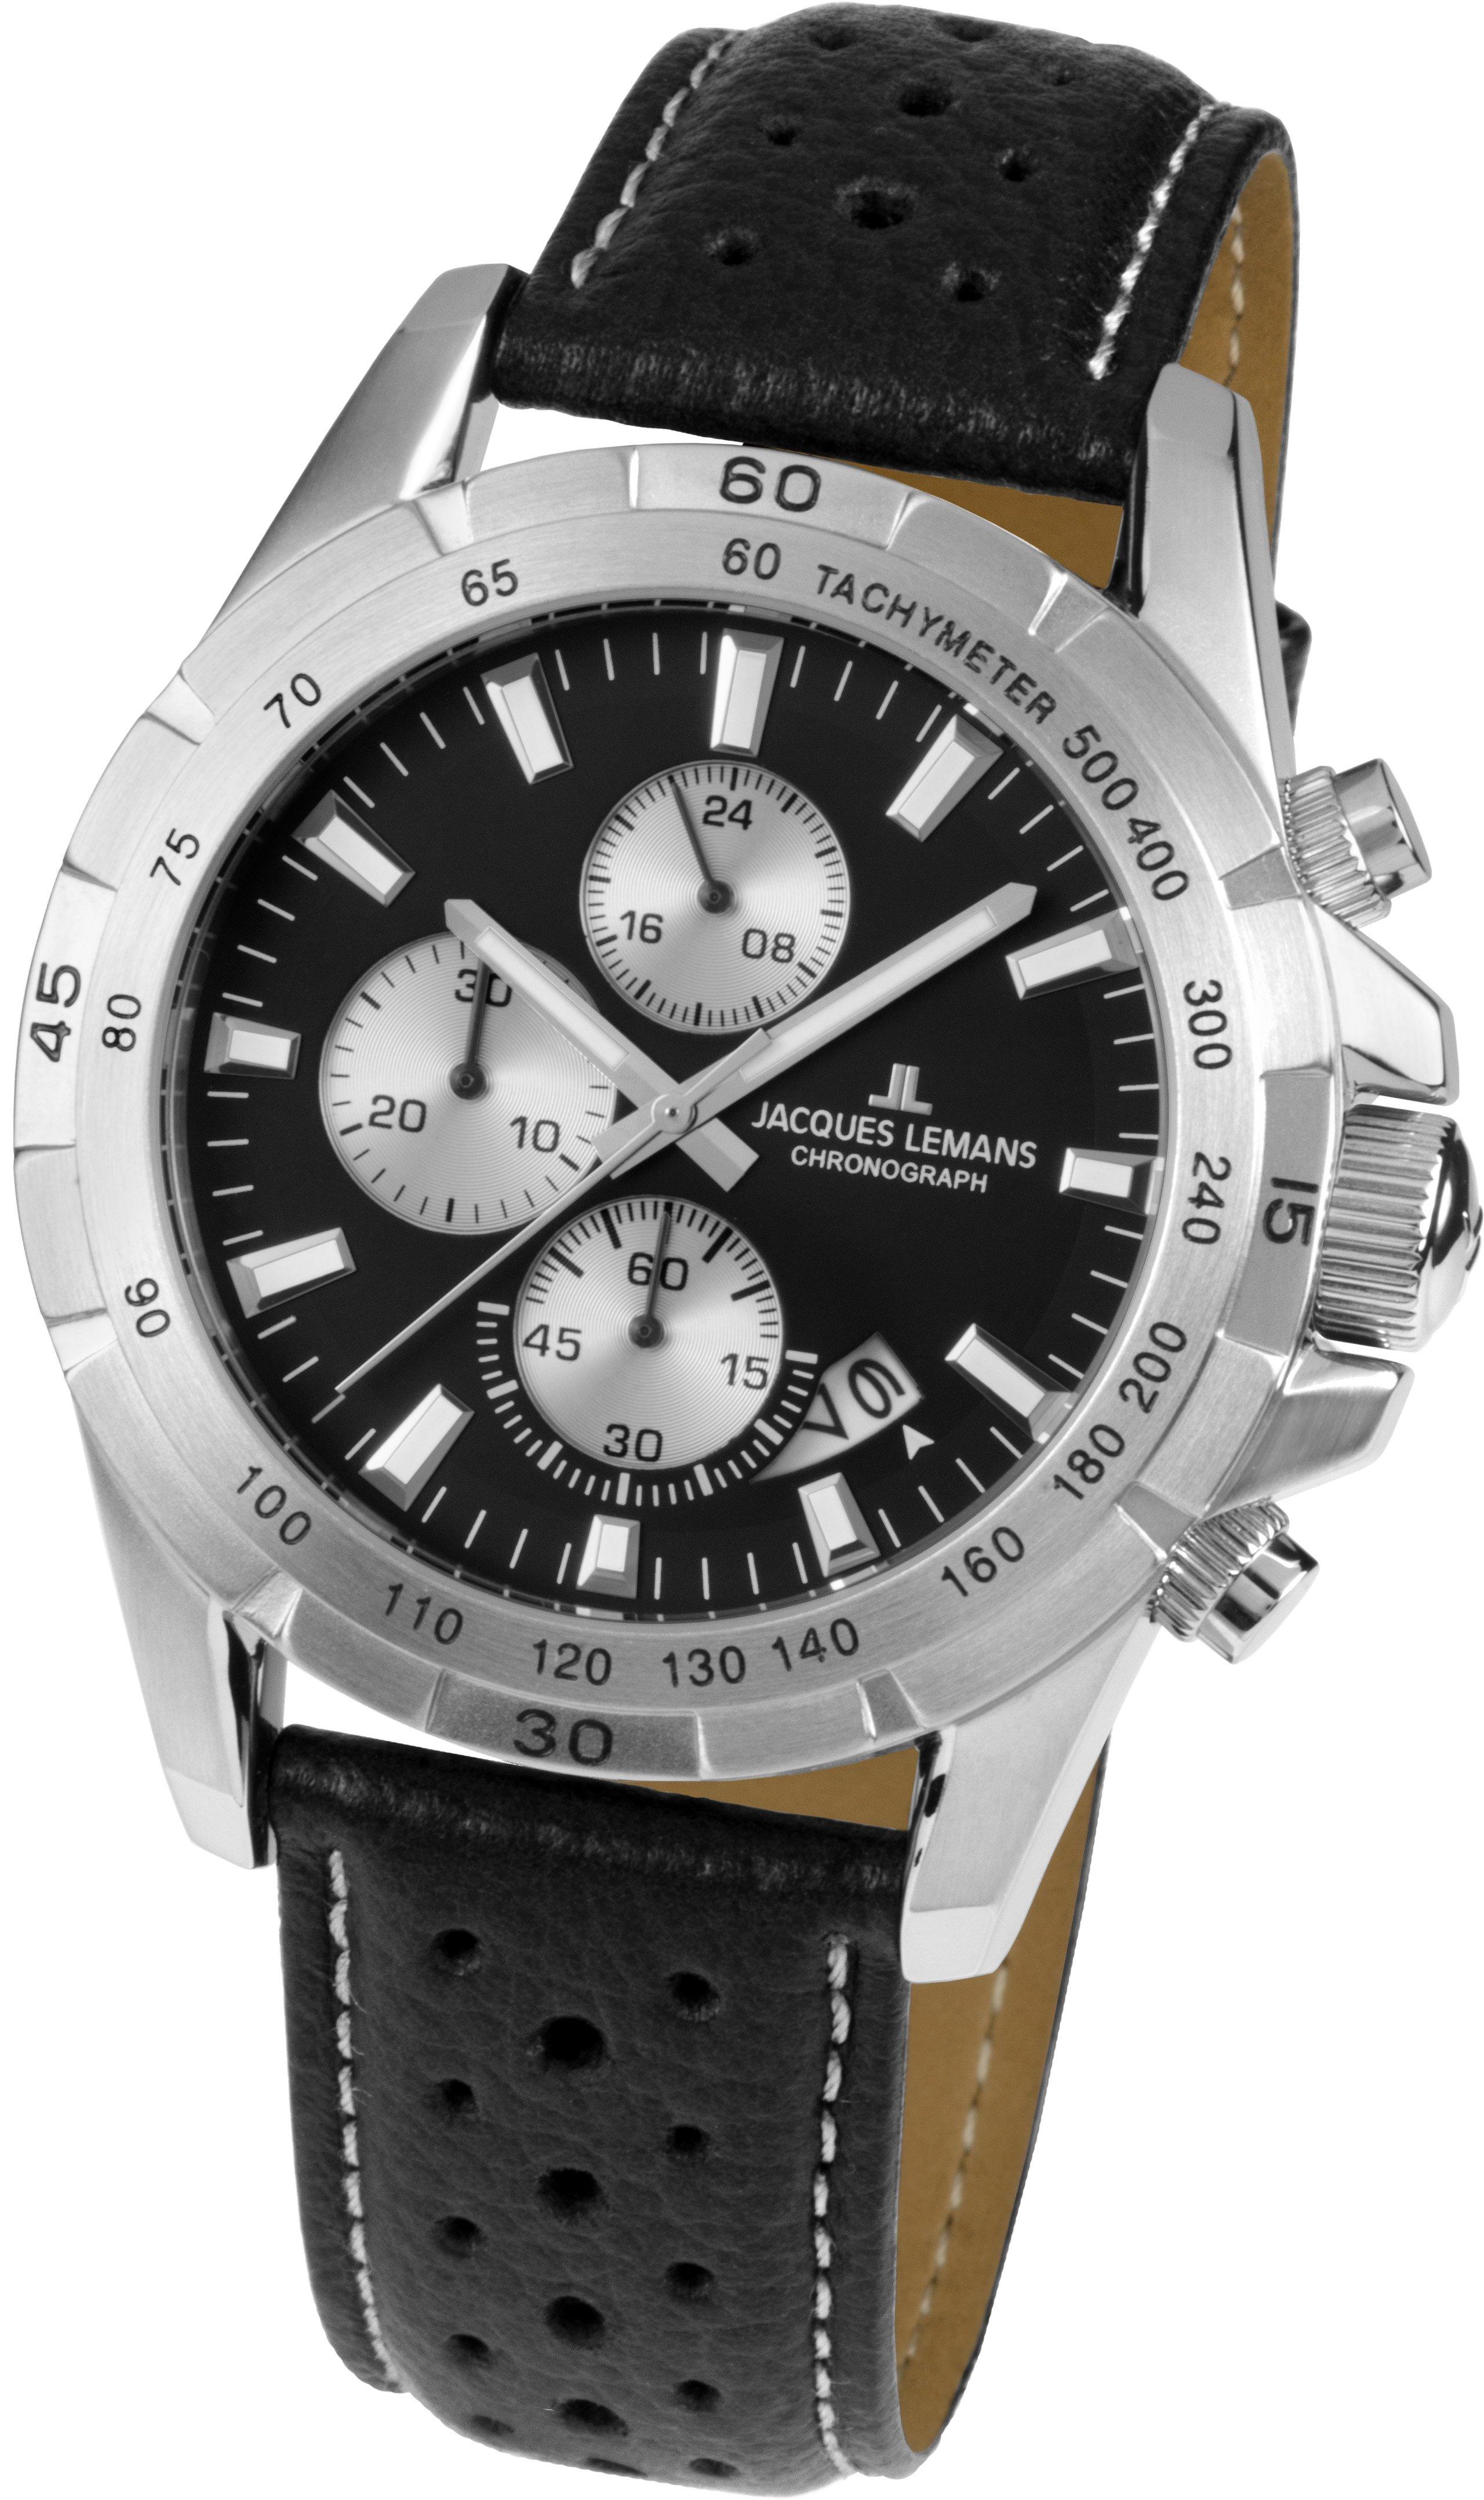 Жак леман часы продать часы стоимость булгари